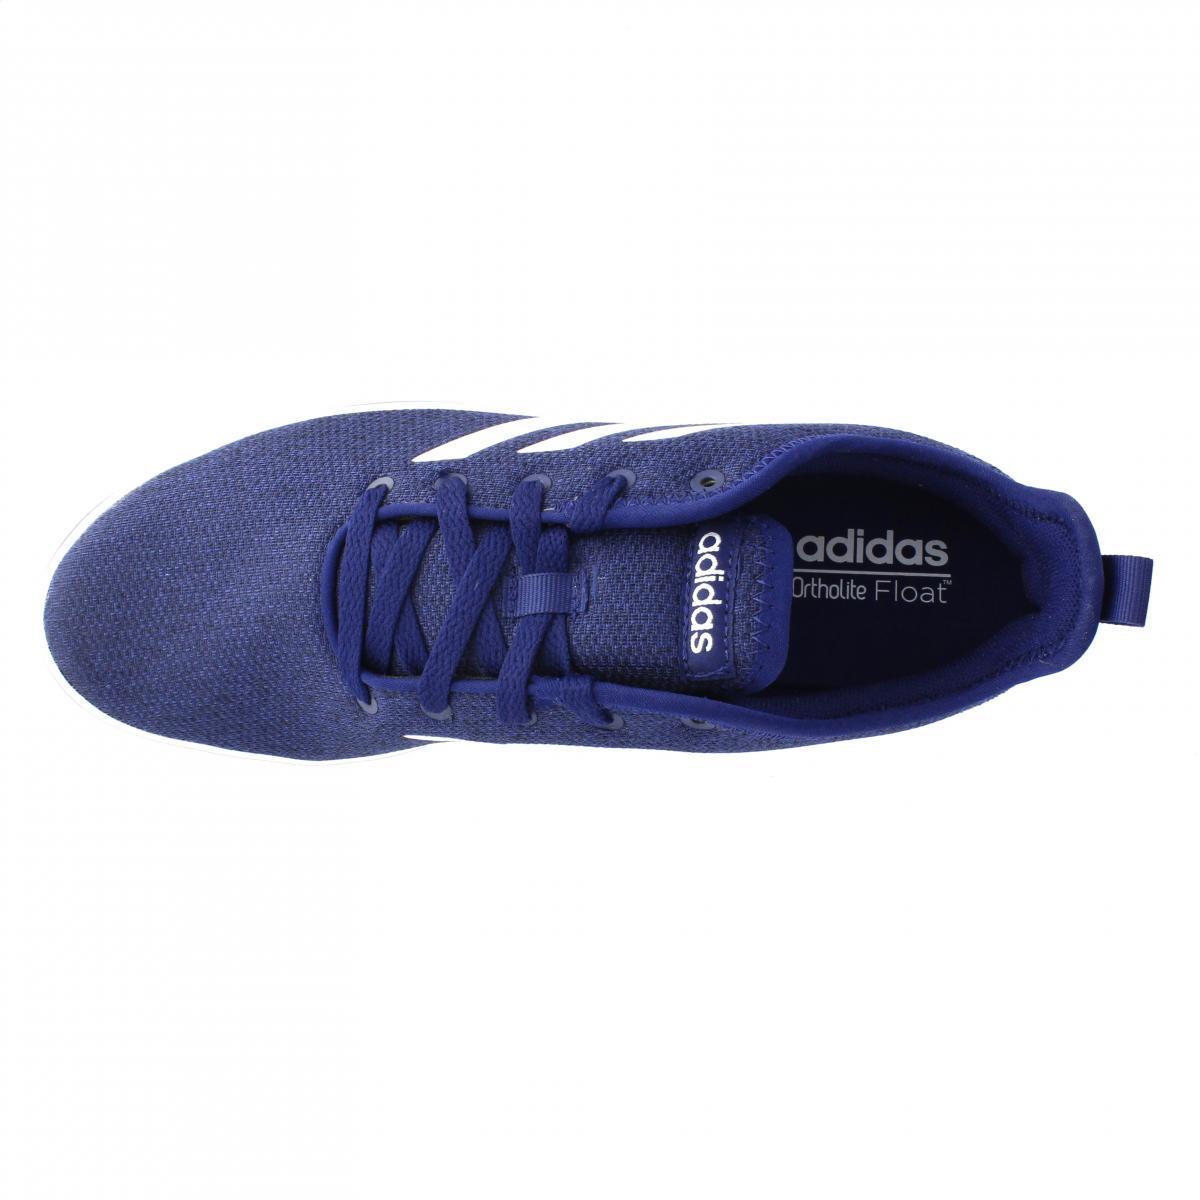 3148f069 ... Tenis para Hombre Adidas BB7164 Color Azul / Blanco